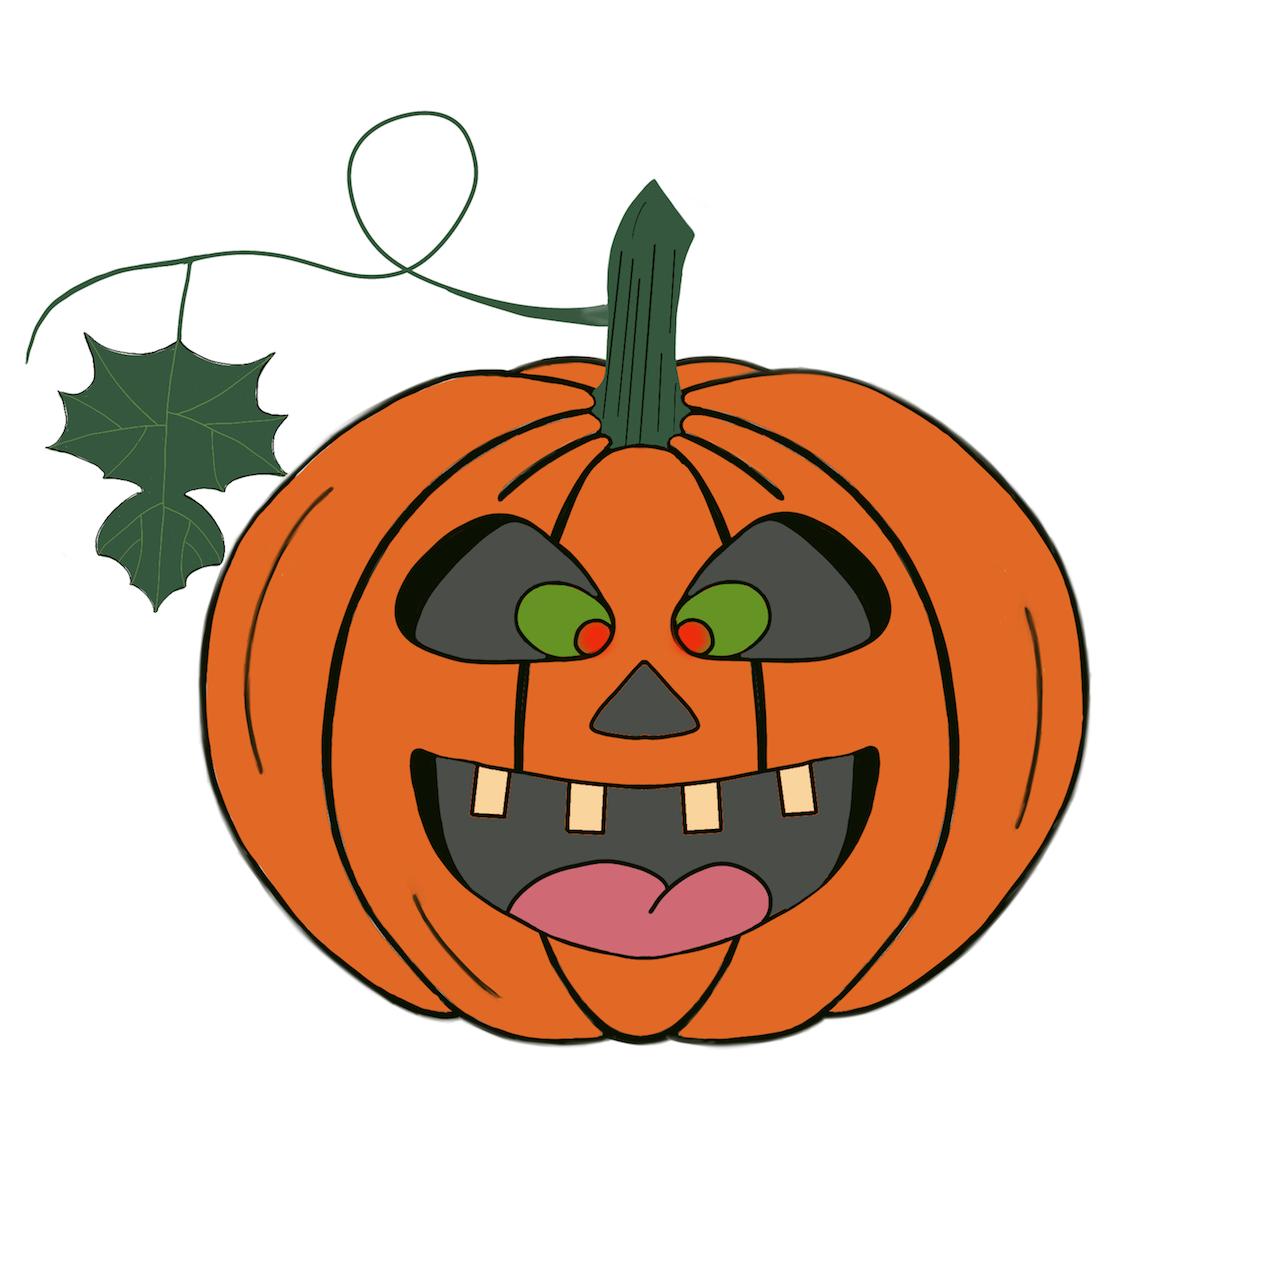 Pumpkin time stickers messages sticker-4